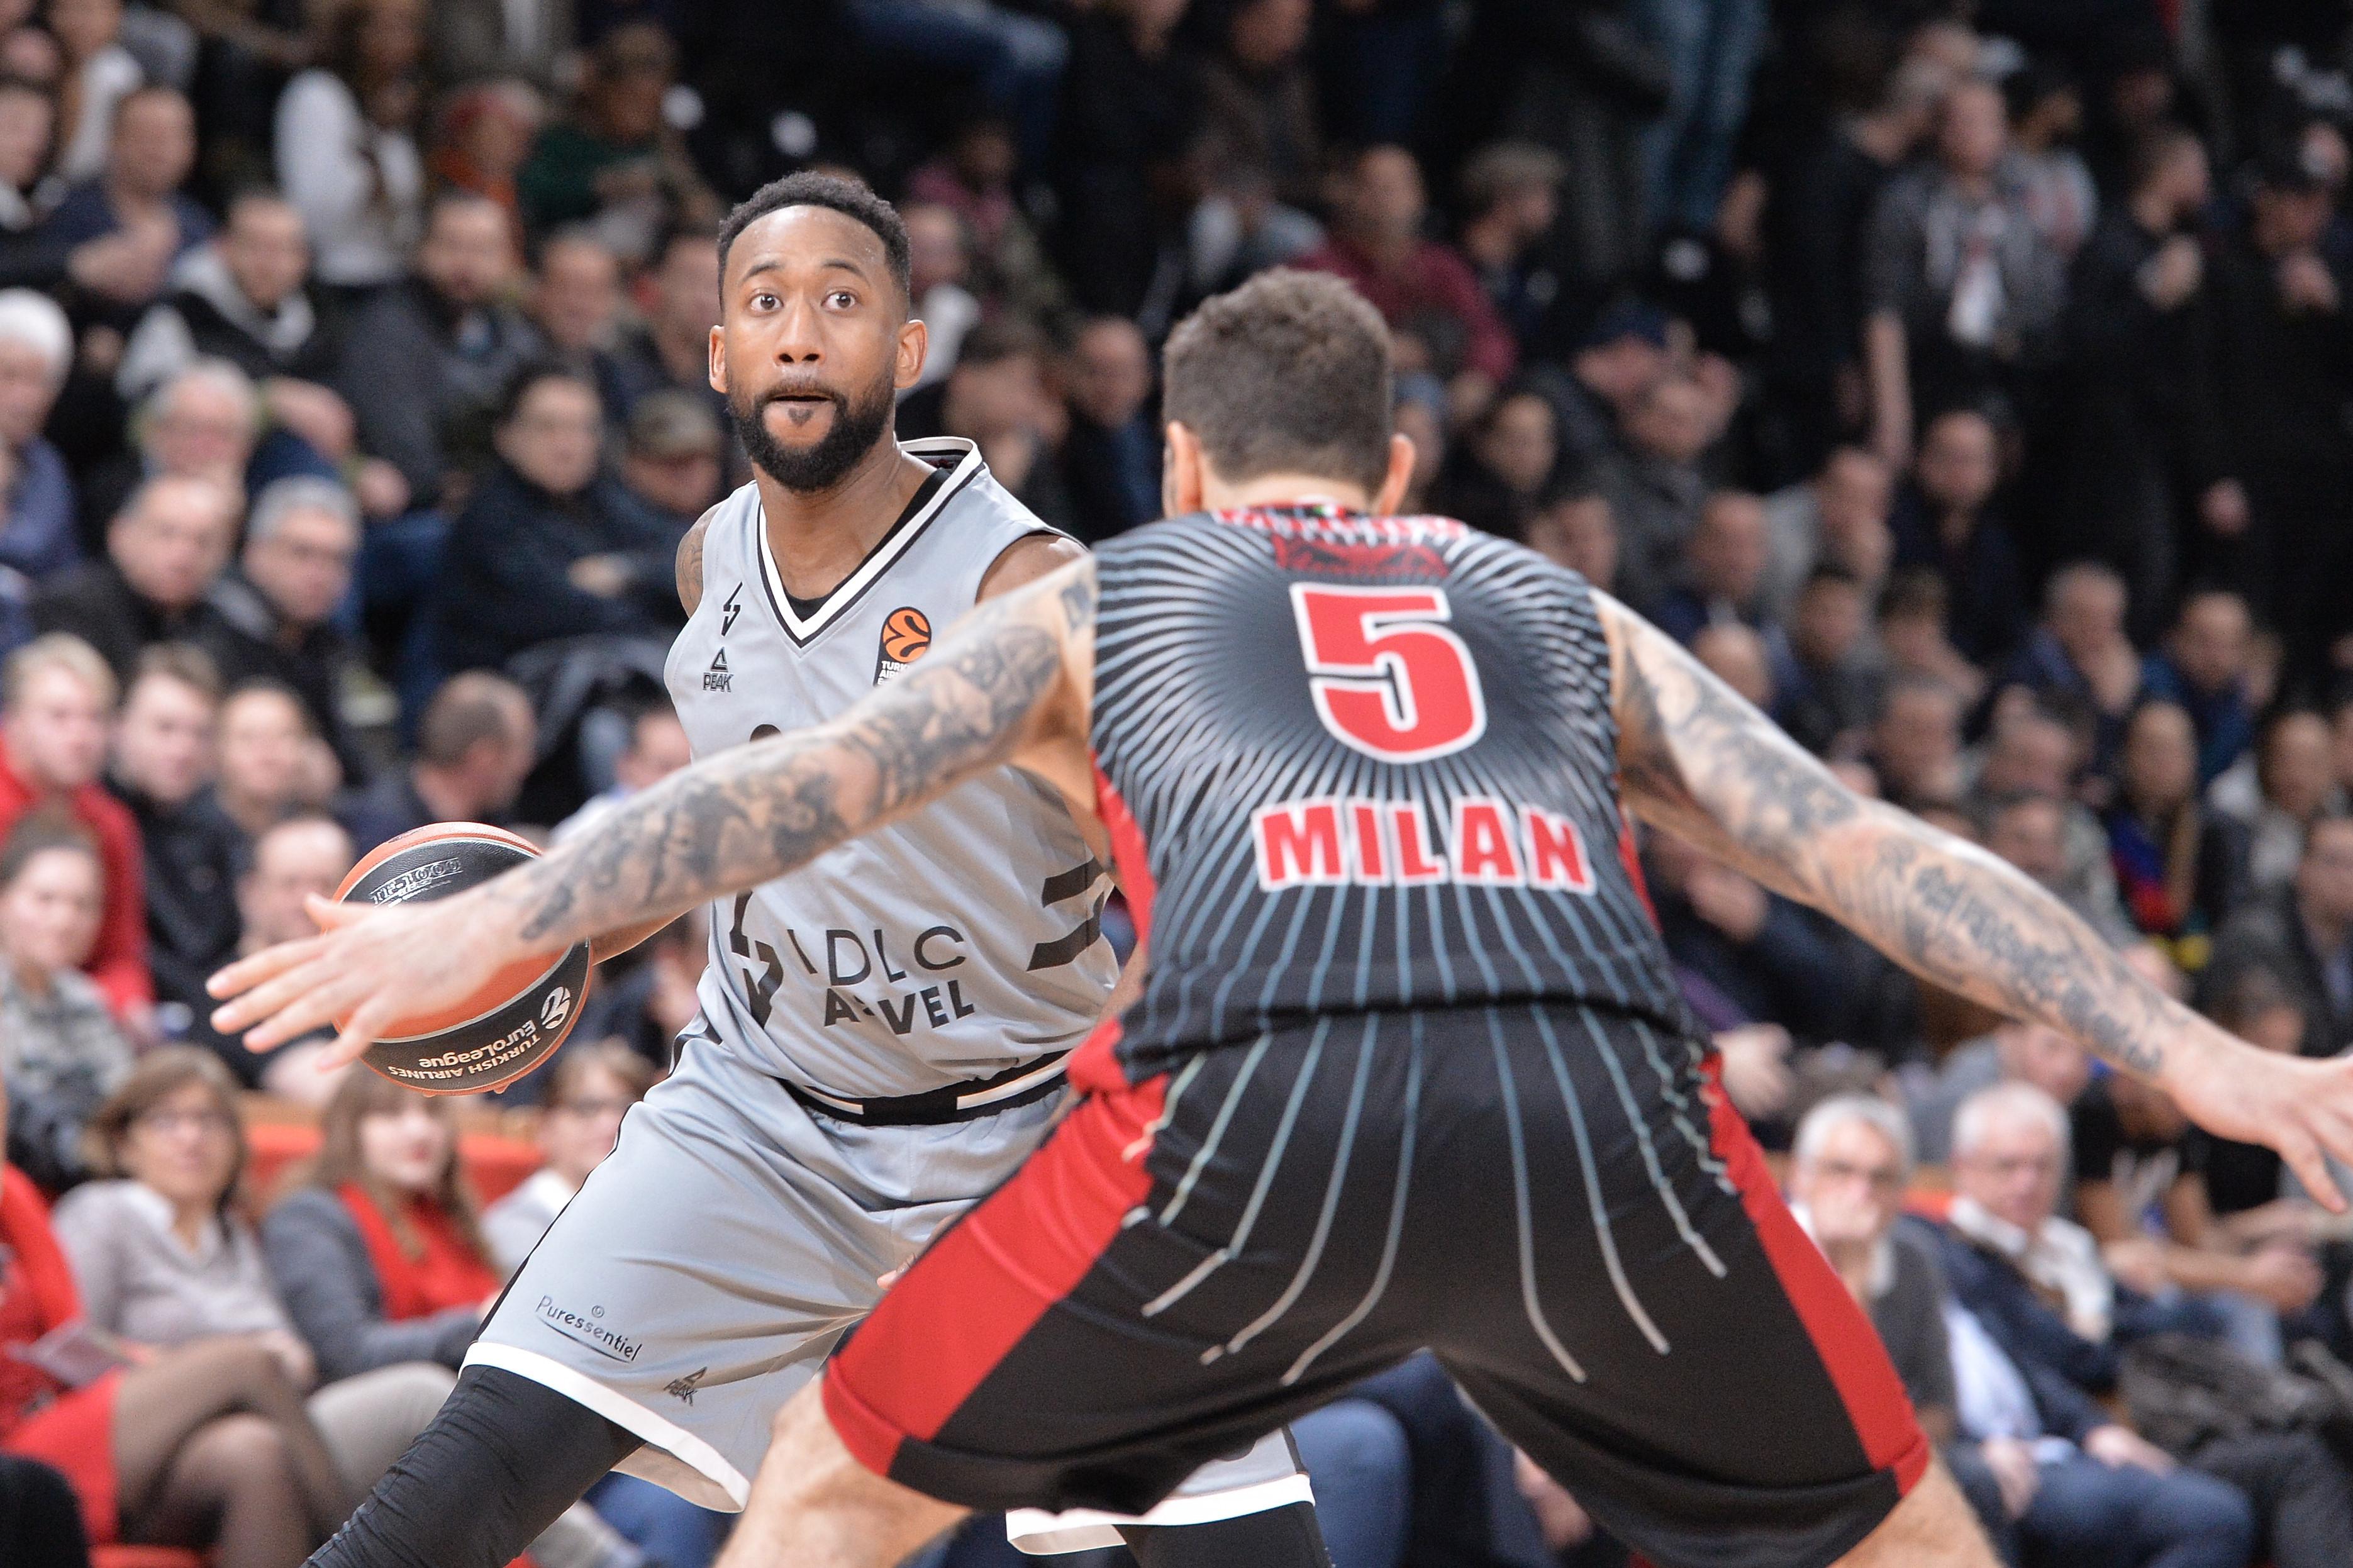 Basket - Coupes d'Europe - L'ASVEL renverse Milan et renoue avec la victoire en Euroligue